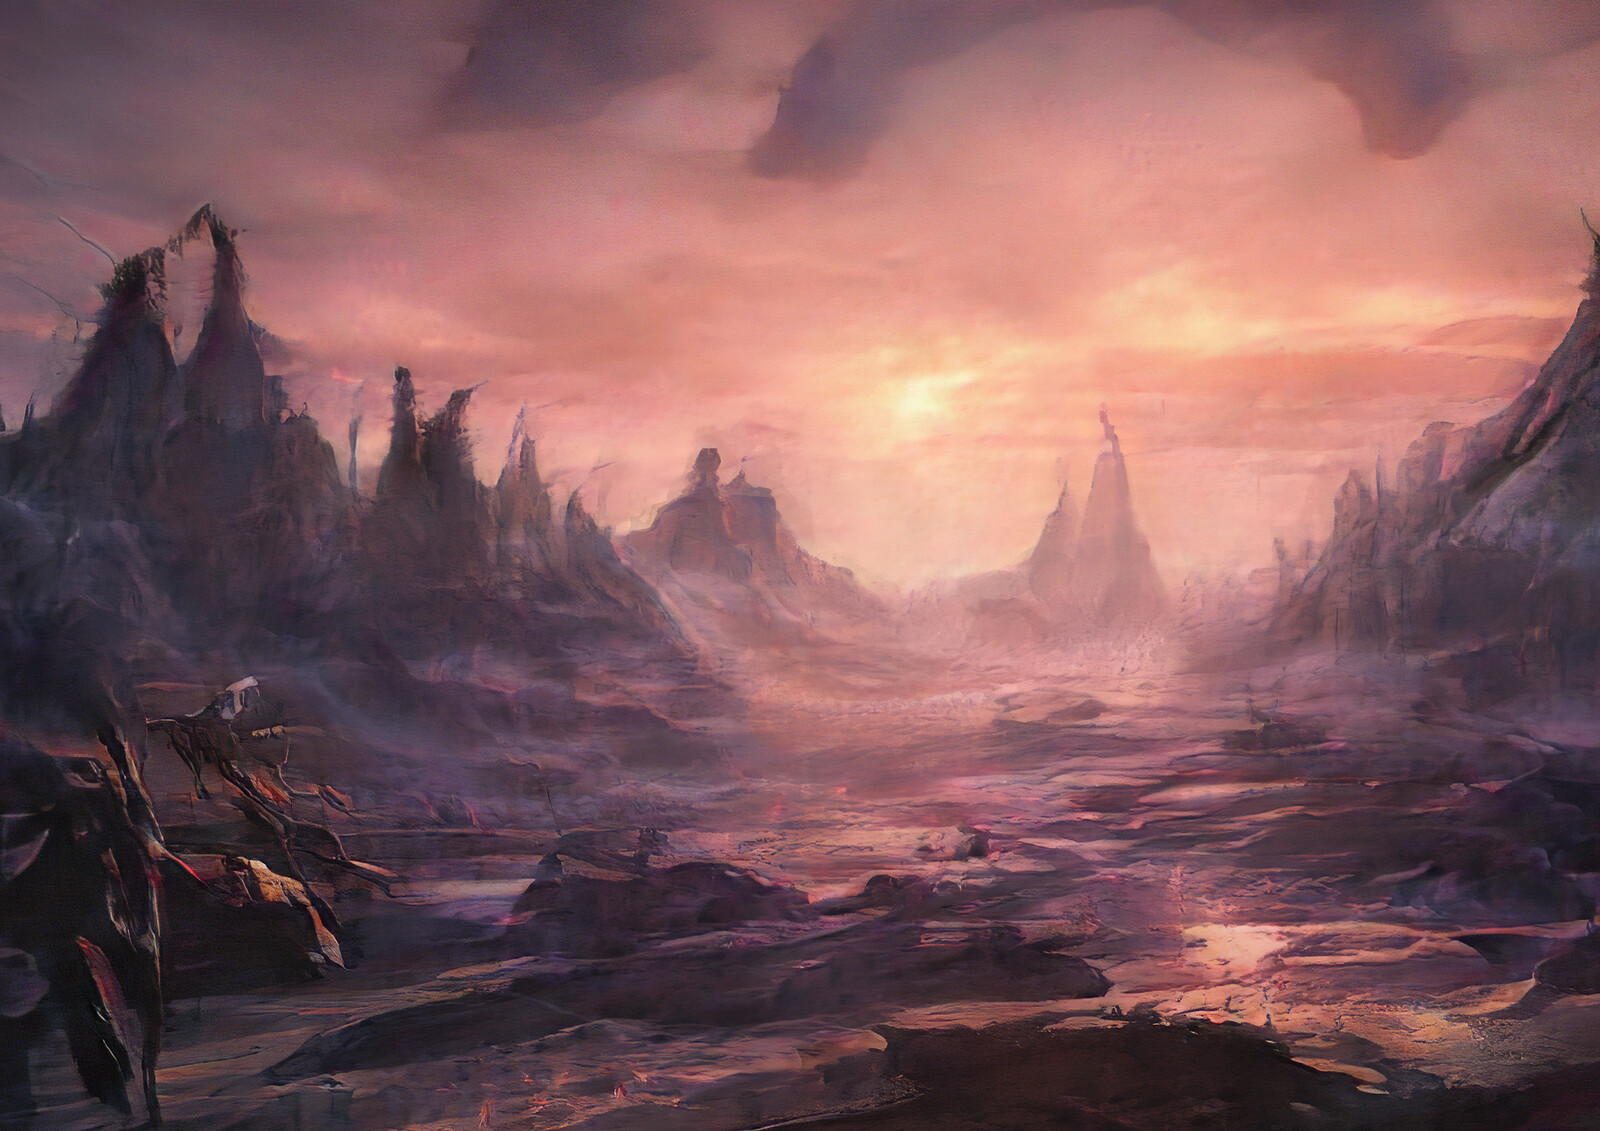 Enchanted Environments